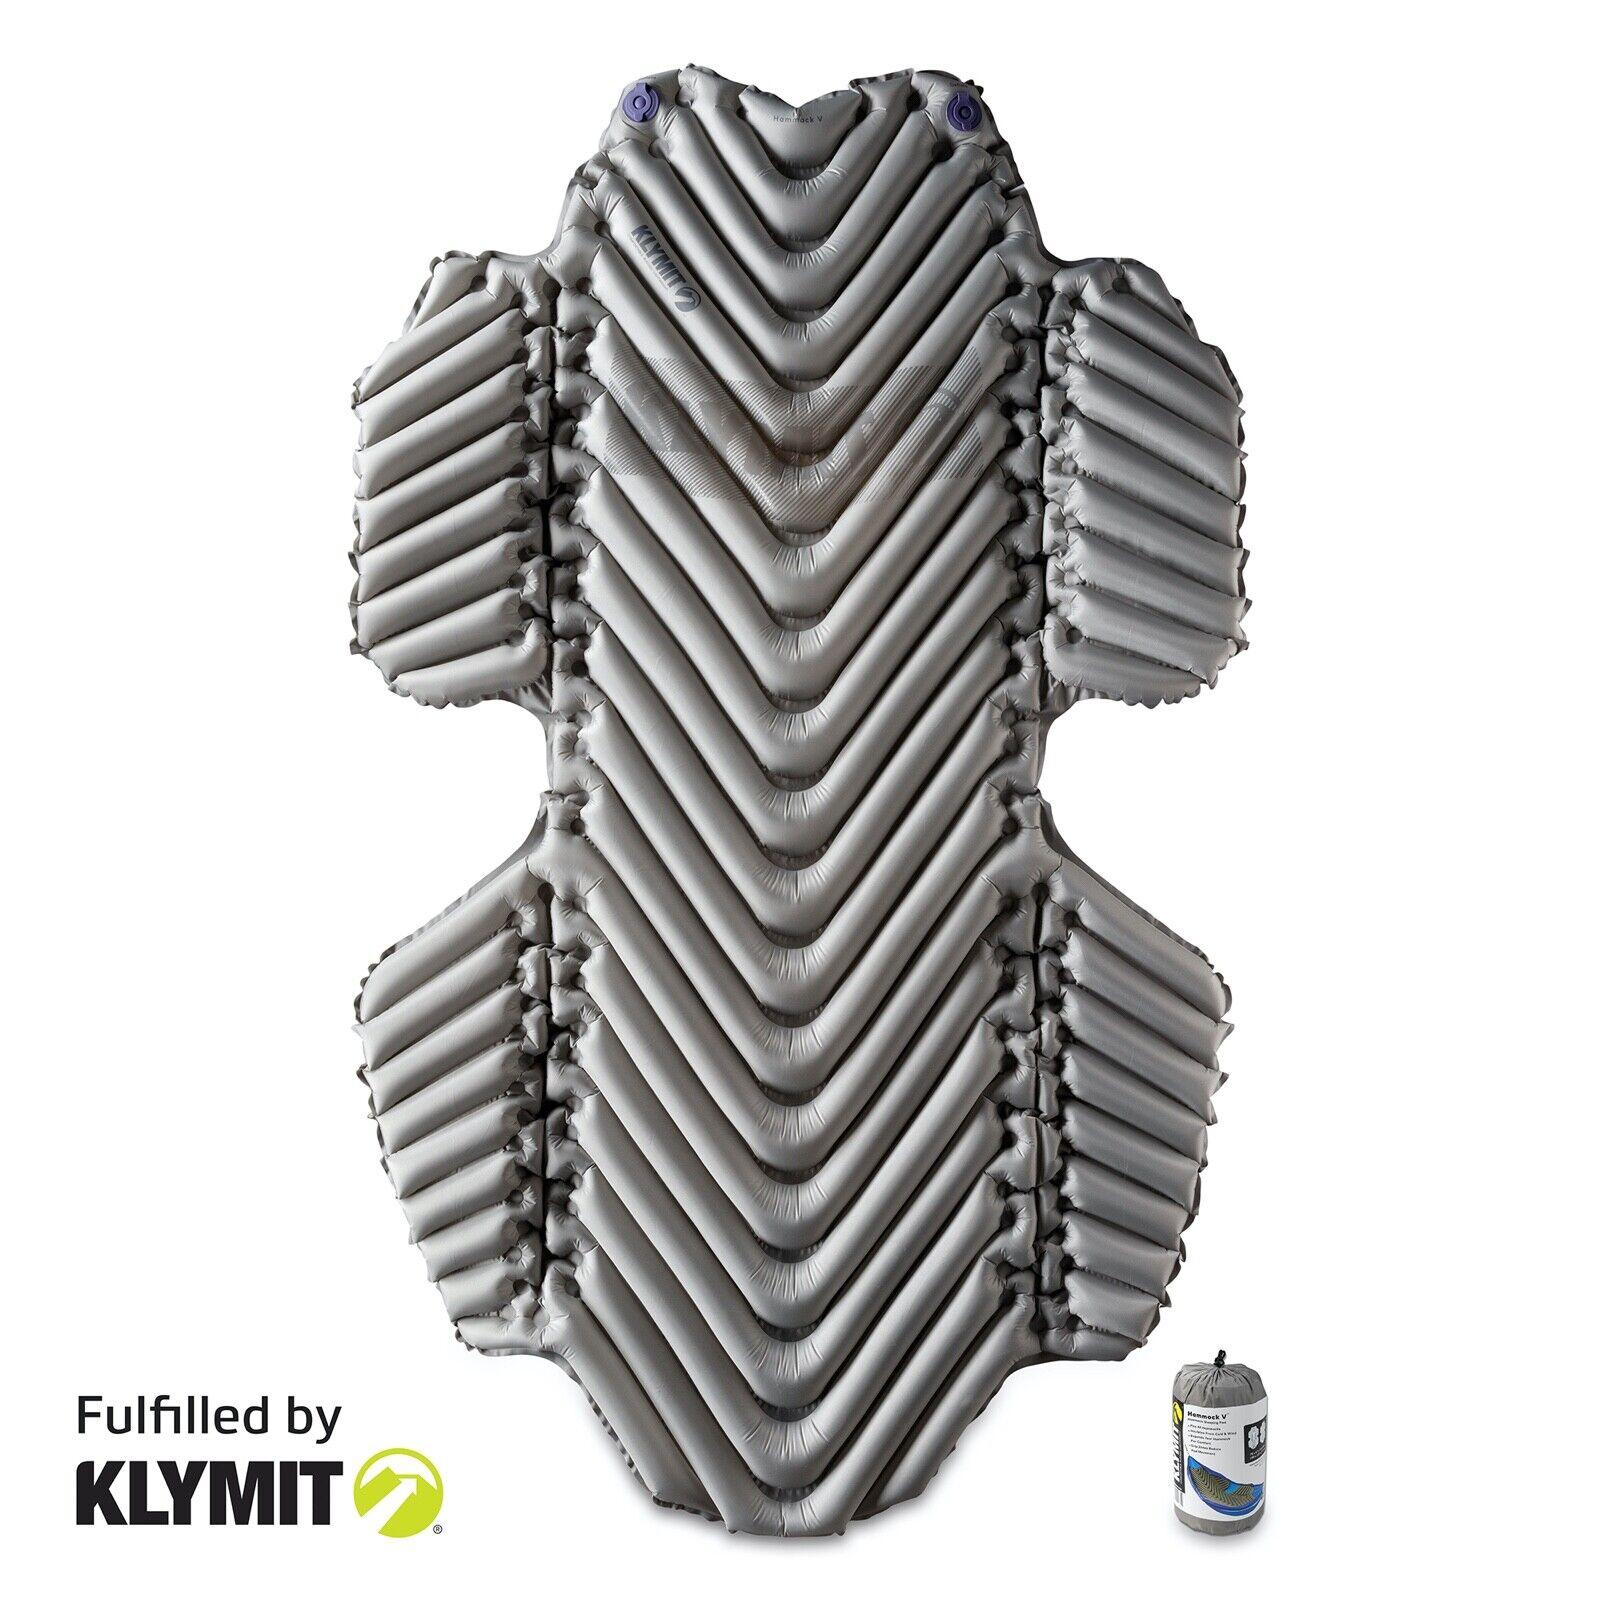 KLYMIT Hammock V Sleeping Pad for Hammock Camping - Certifie